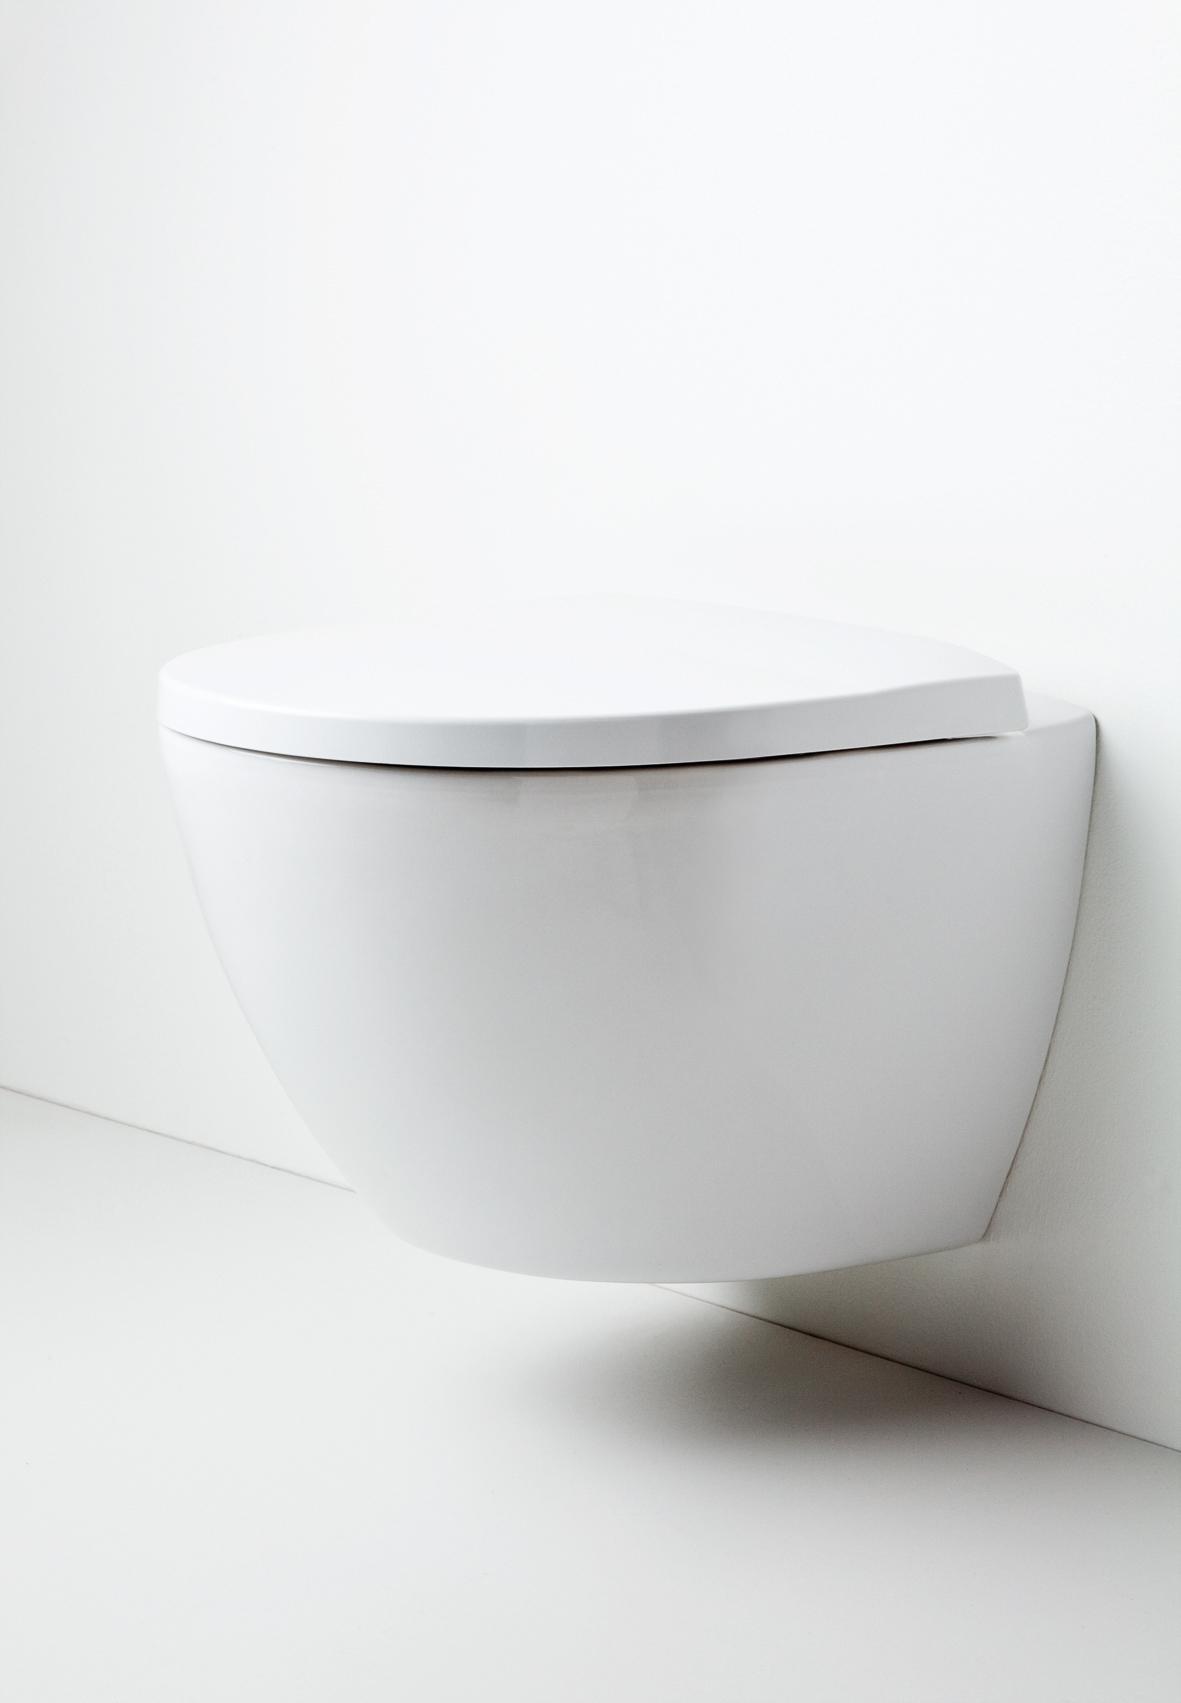 Vegghengt toalett Bademiljø